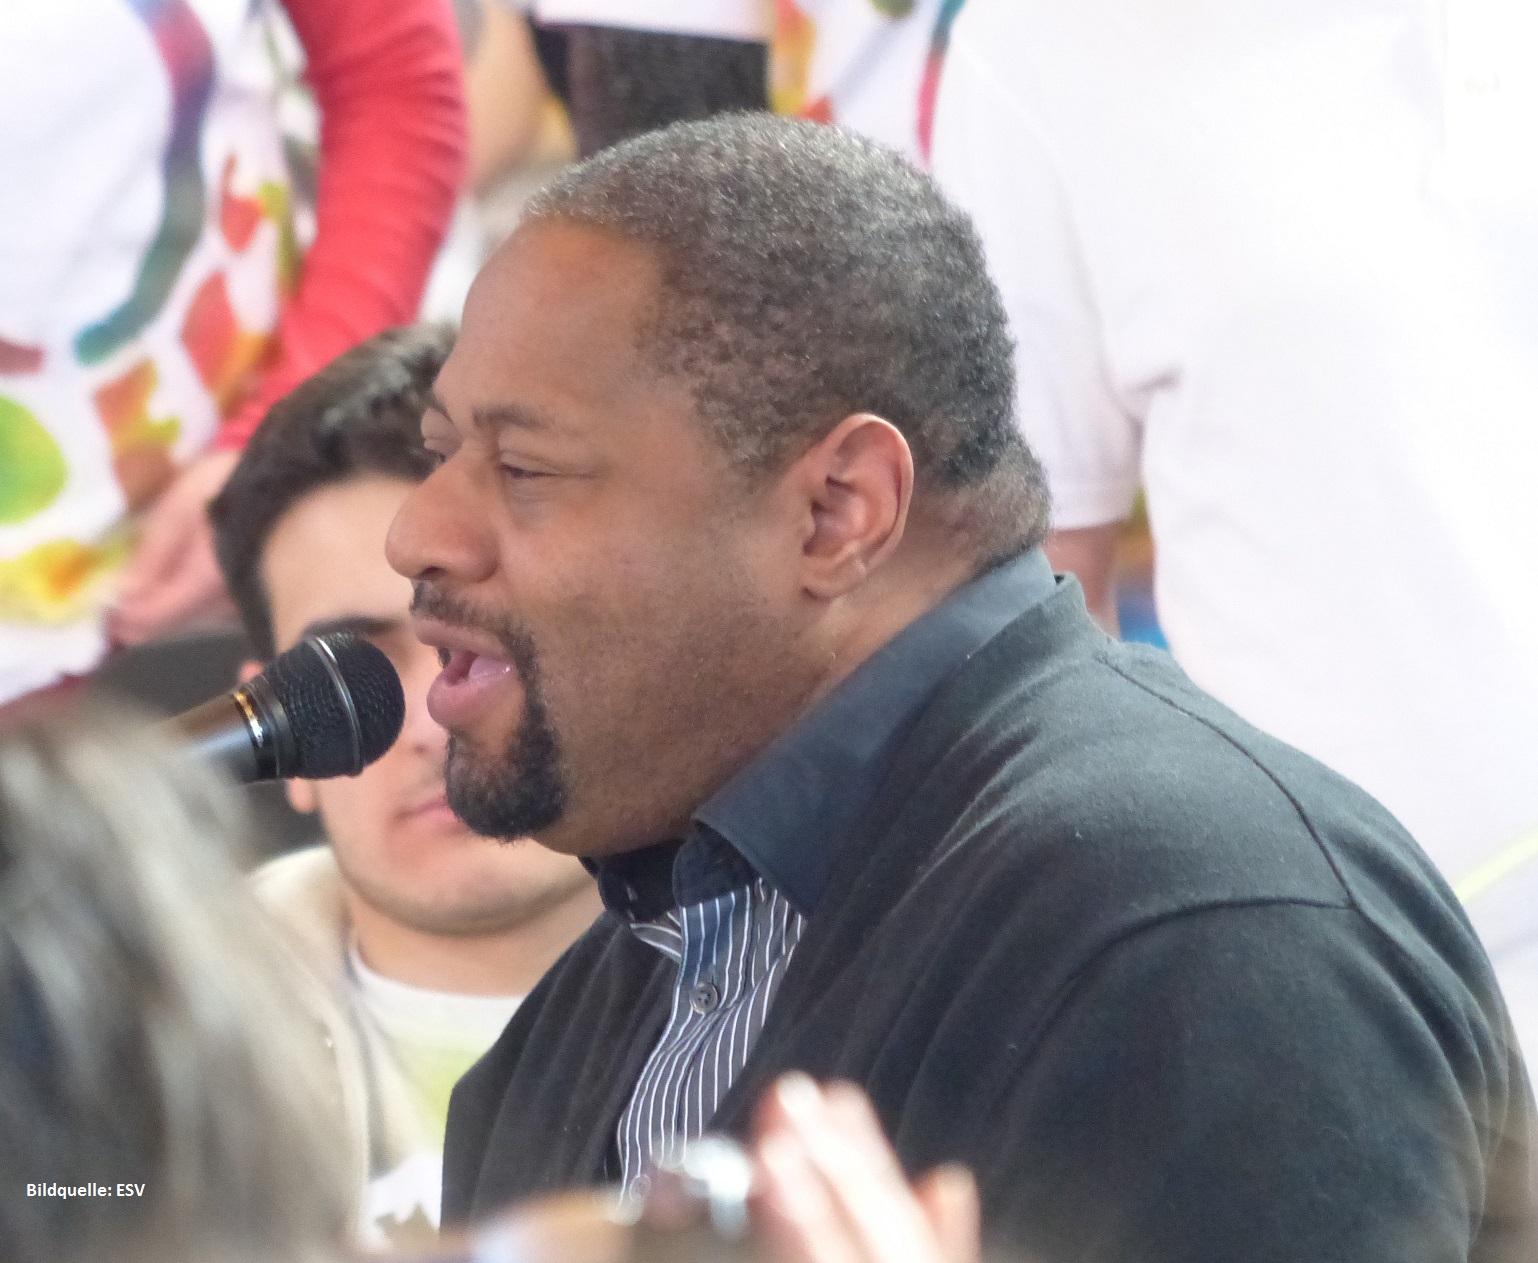 Sänger David Thomas gibt Gospel-Konzert mit behinderten jungen Menschen